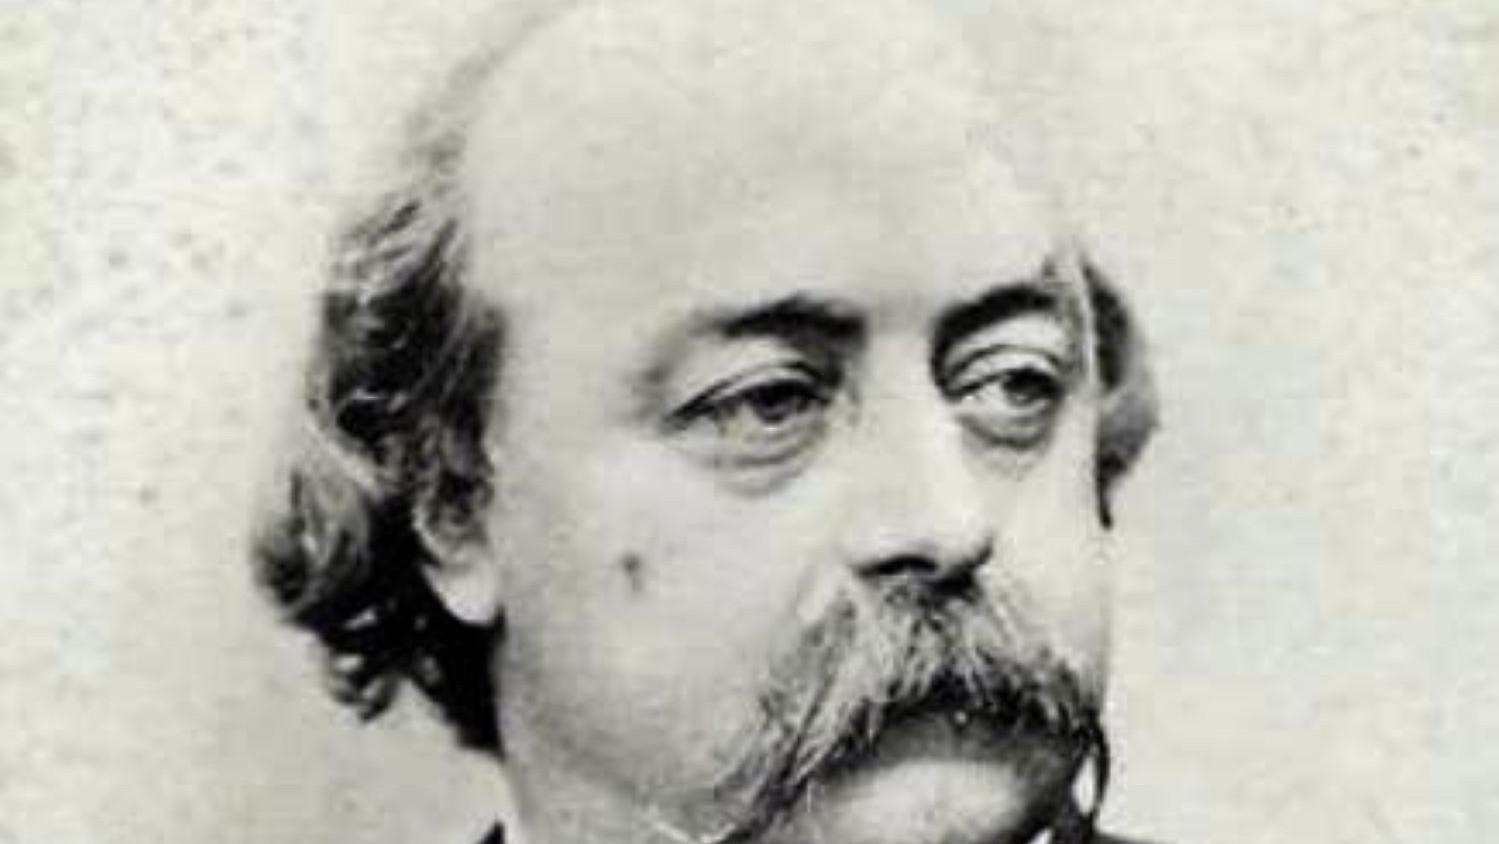 El día en que Flaubert viajó a Egipto y regresó convertido en escritor